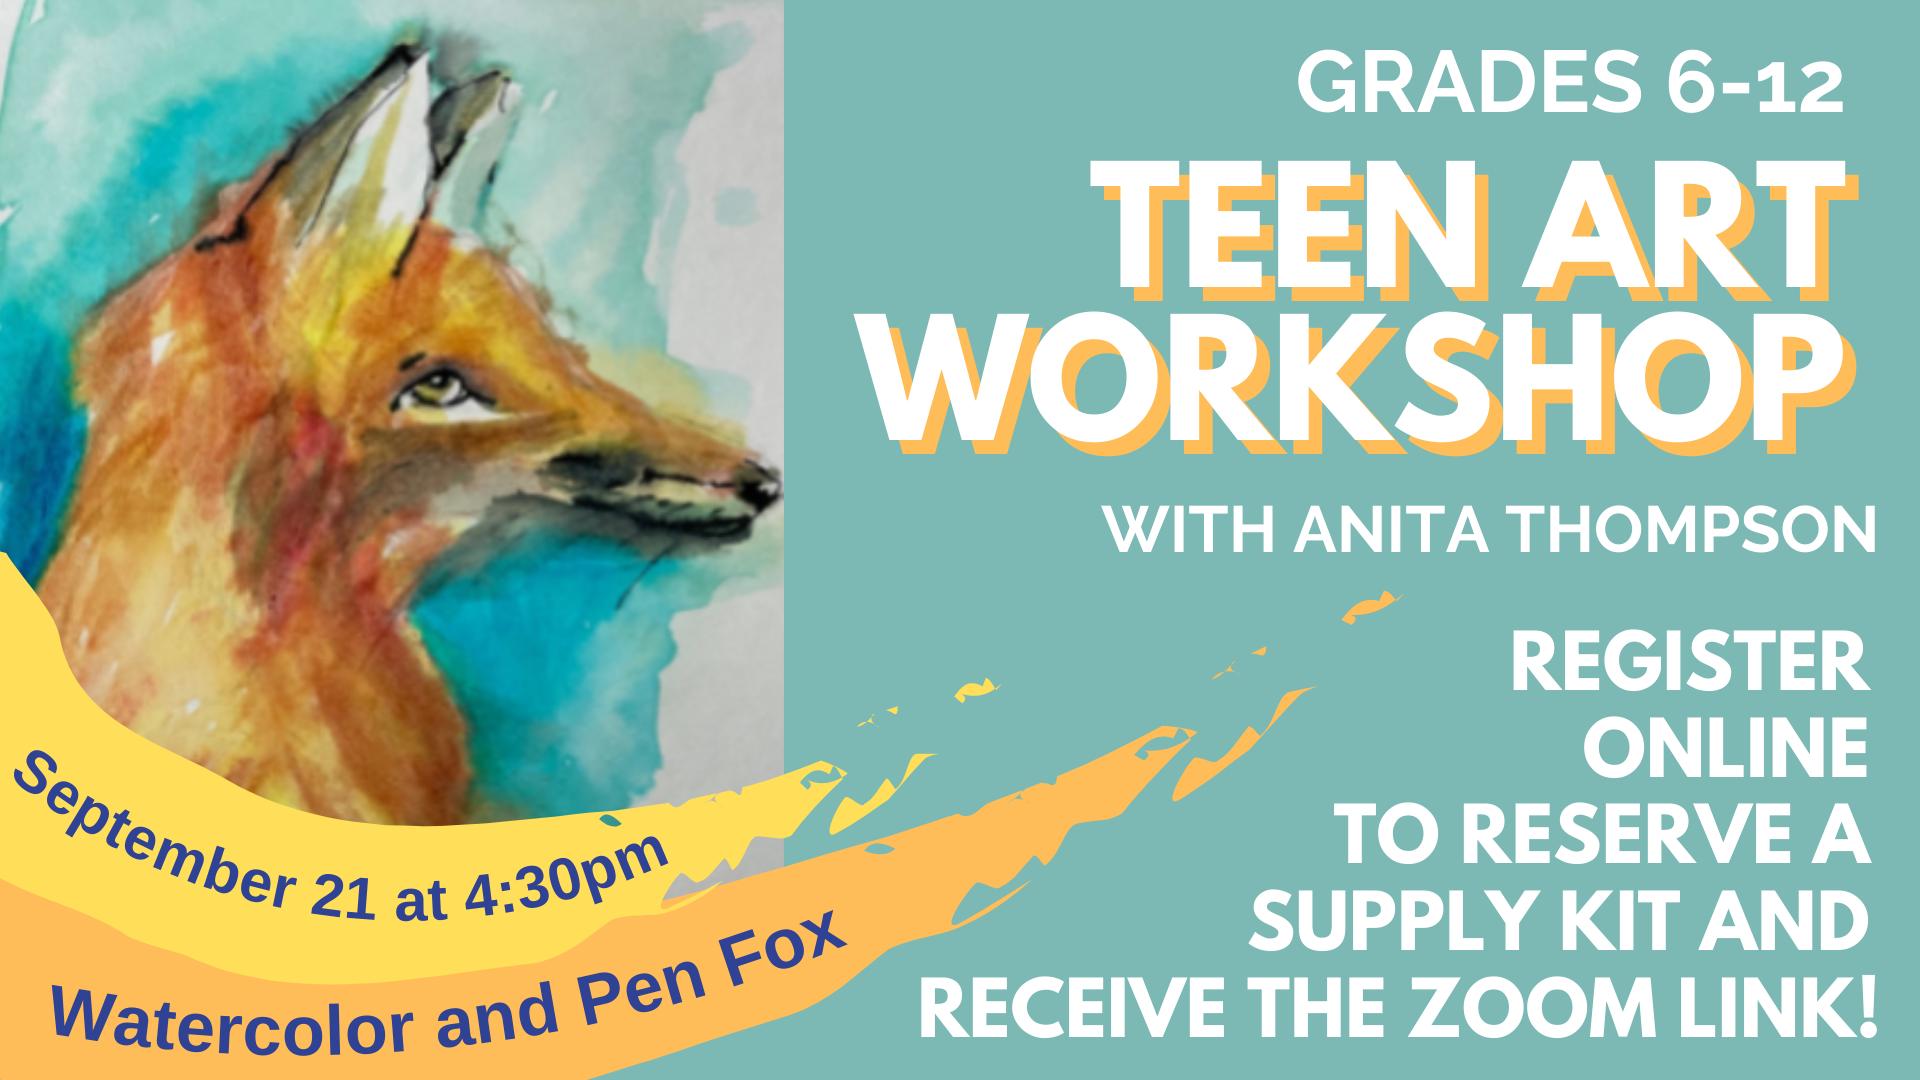 Teen Art Workshop: Watercolor and Pen Fox